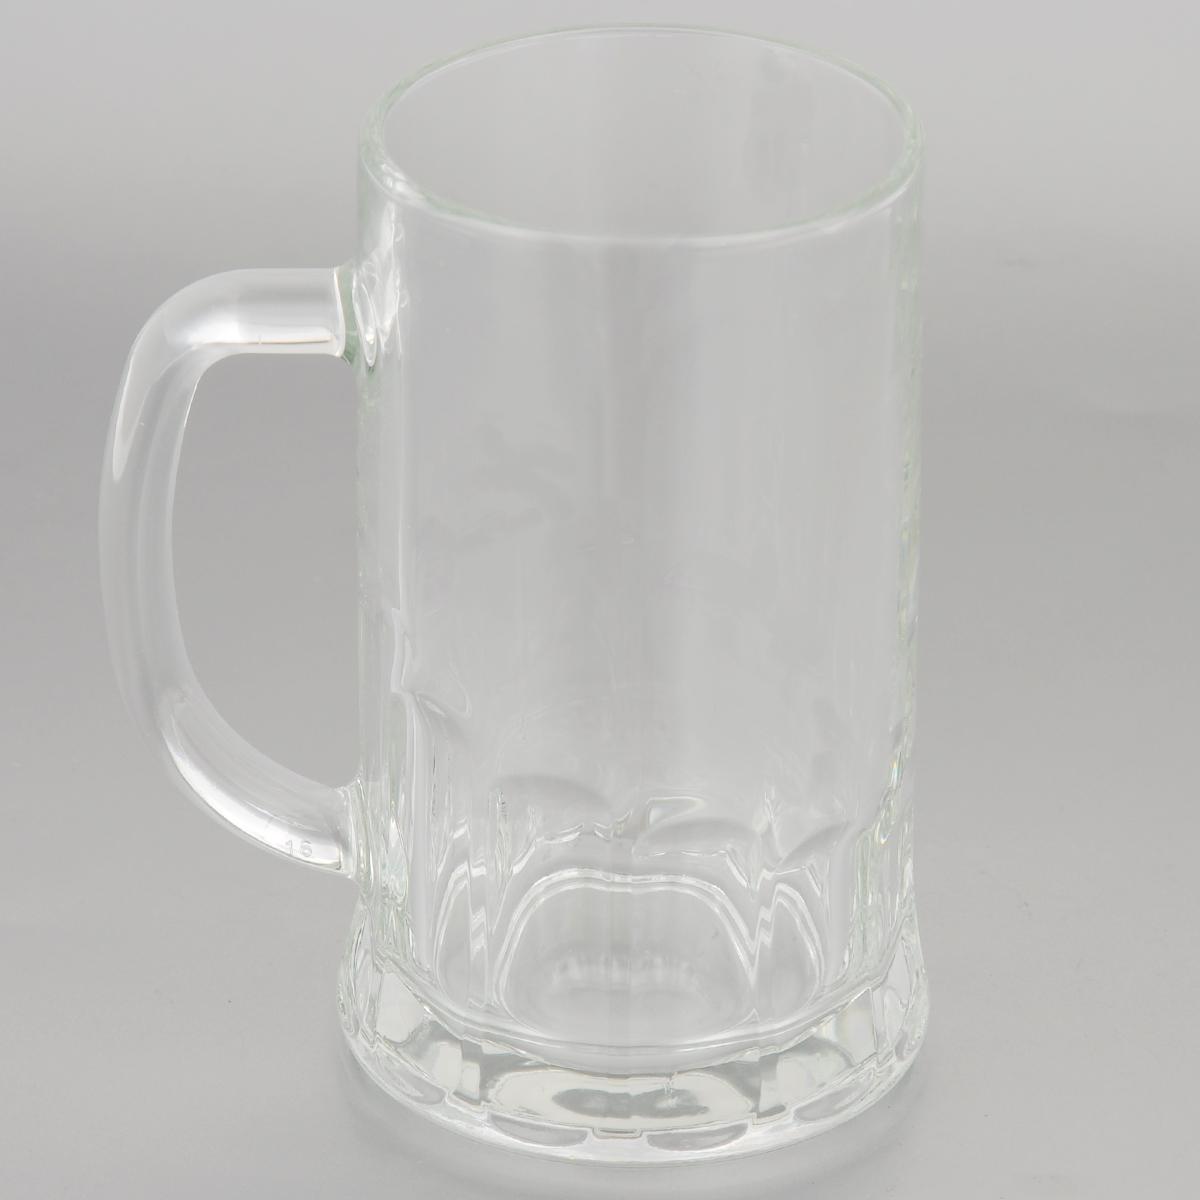 Кружка пивная ОСЗ Пинта. Пивасик, 500 мл08С1143 ДЗ ПИВАСИК_Пивная кружка ОСЗ Пинта. Пивасик, изготовленная из стекла. Изделие оснащено удобной ручкой. Кружка станет оригинальным подарком любимым мужчинам! Идеальна для тех, кто предпочитает большие кружки и для любителей пенных напитков.